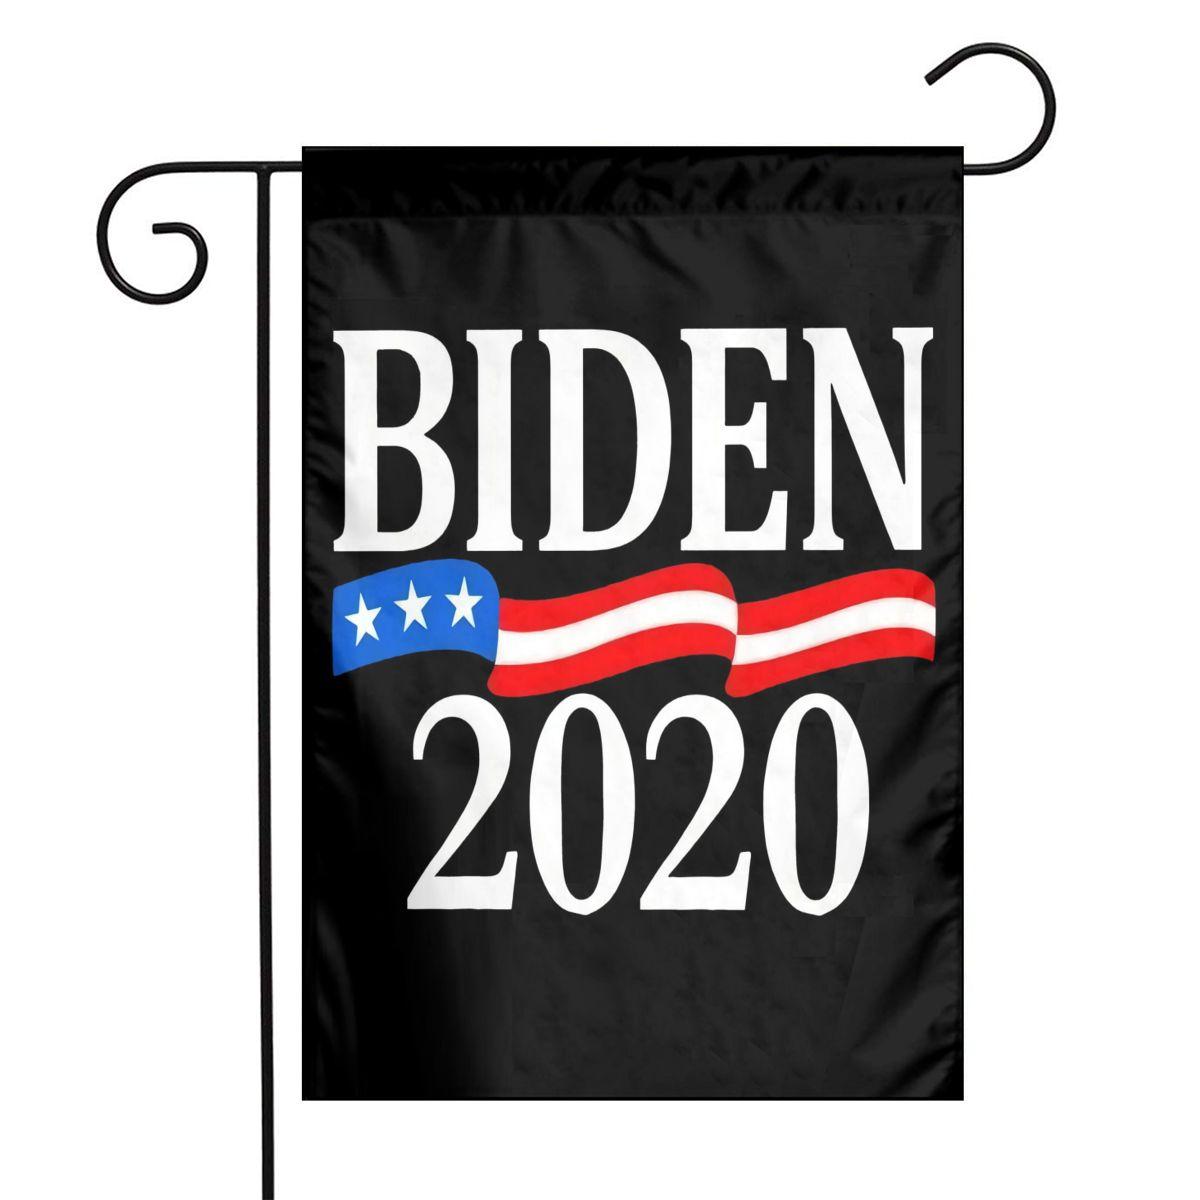 Biden, 2020 год, экспериментальная кампания, Мужская футболка для выборов, интересующая животных, рок-поп-Садовый флаг